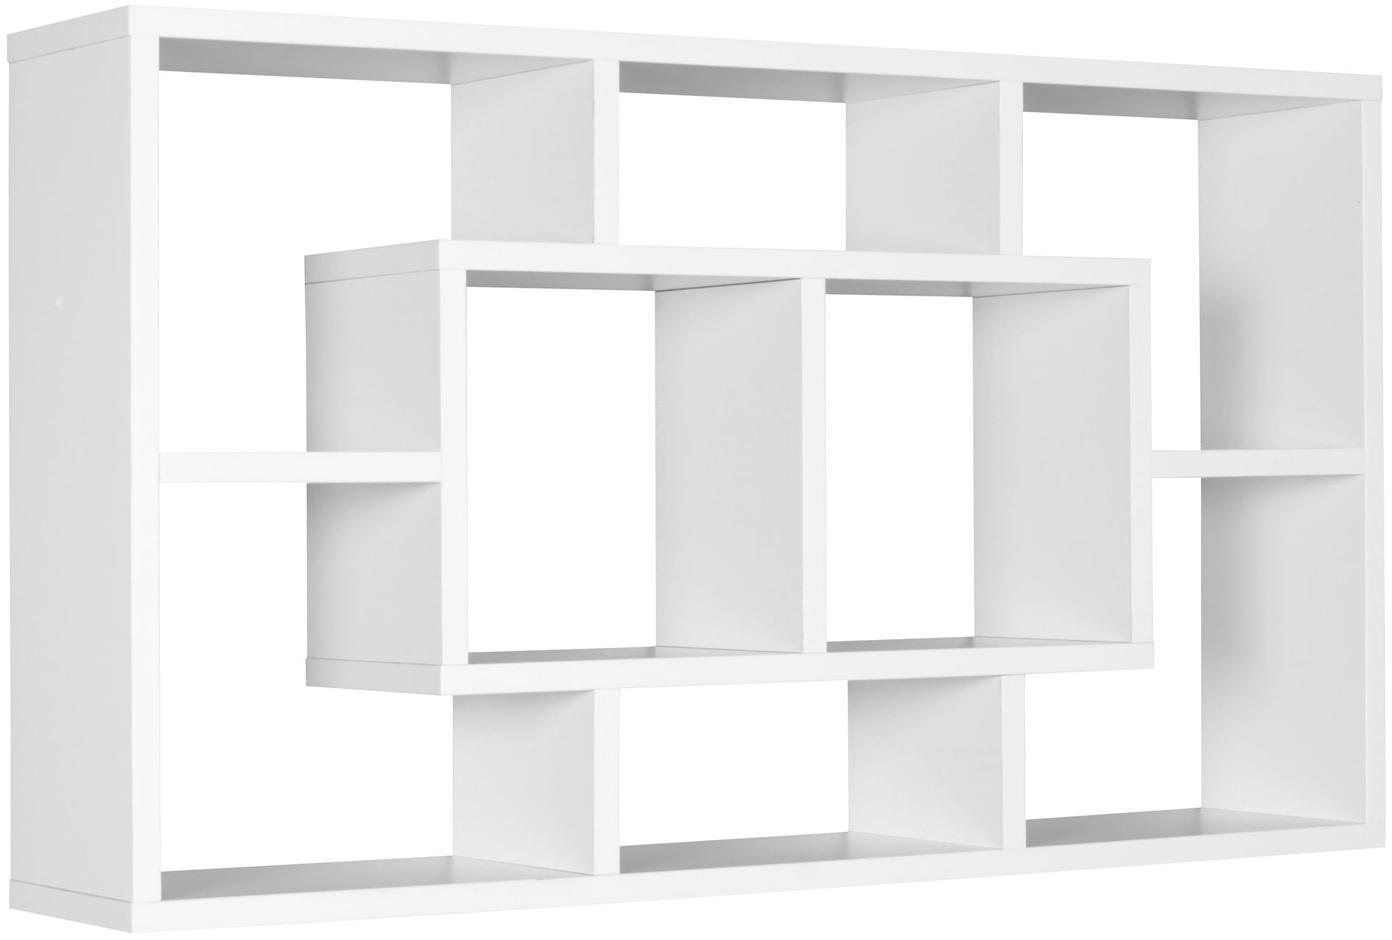 Estante de pared Alex, estilo moderno, Tablero de fibras de densidad media (MDF), chapado y recubierto de melamina, Blanco, An 85 x Al 48 cm